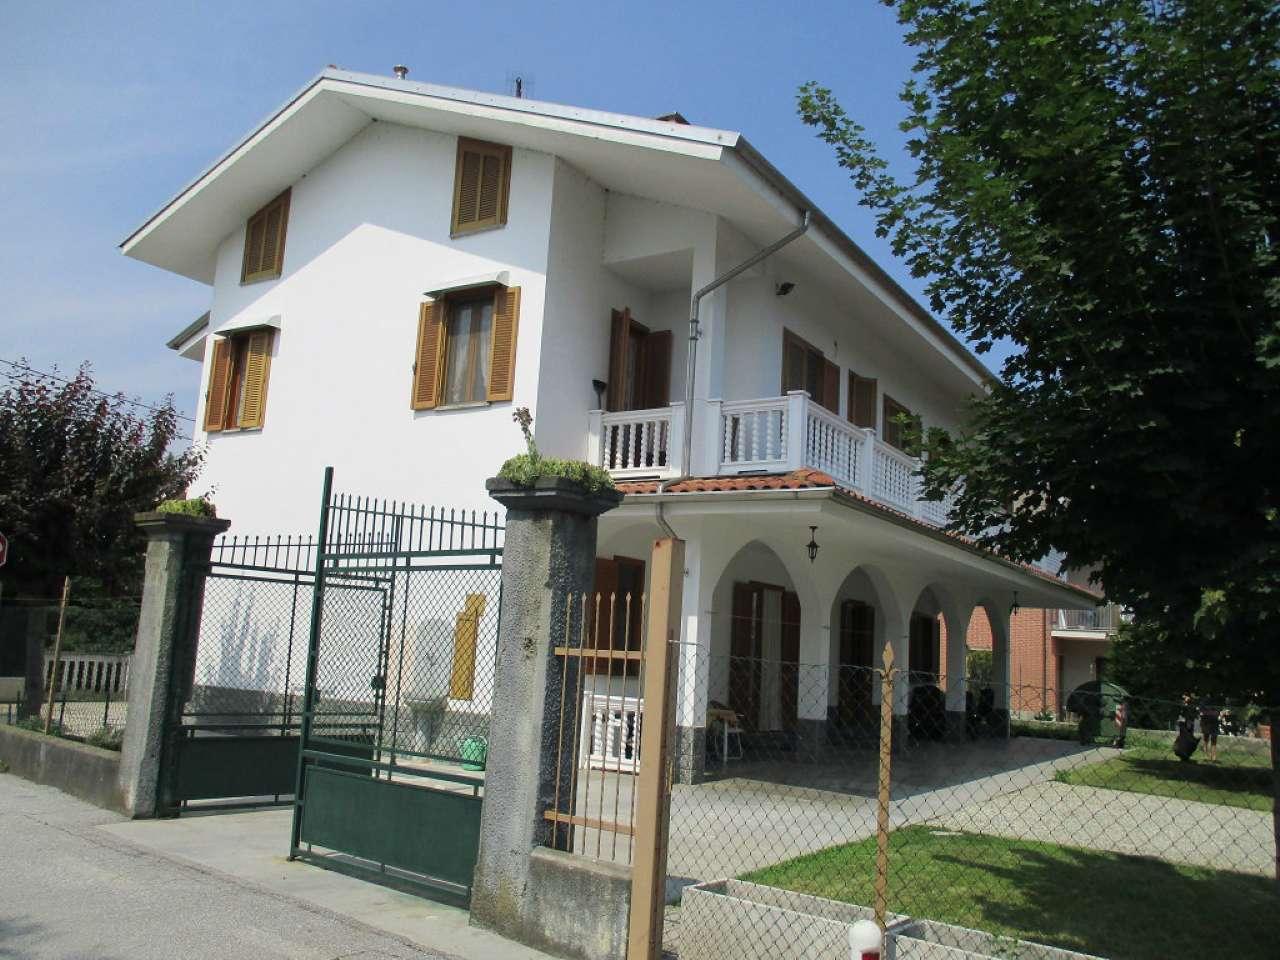 Soluzione Indipendente in vendita a Villanova Solaro, 3 locali, prezzo € 155.000 | CambioCasa.it